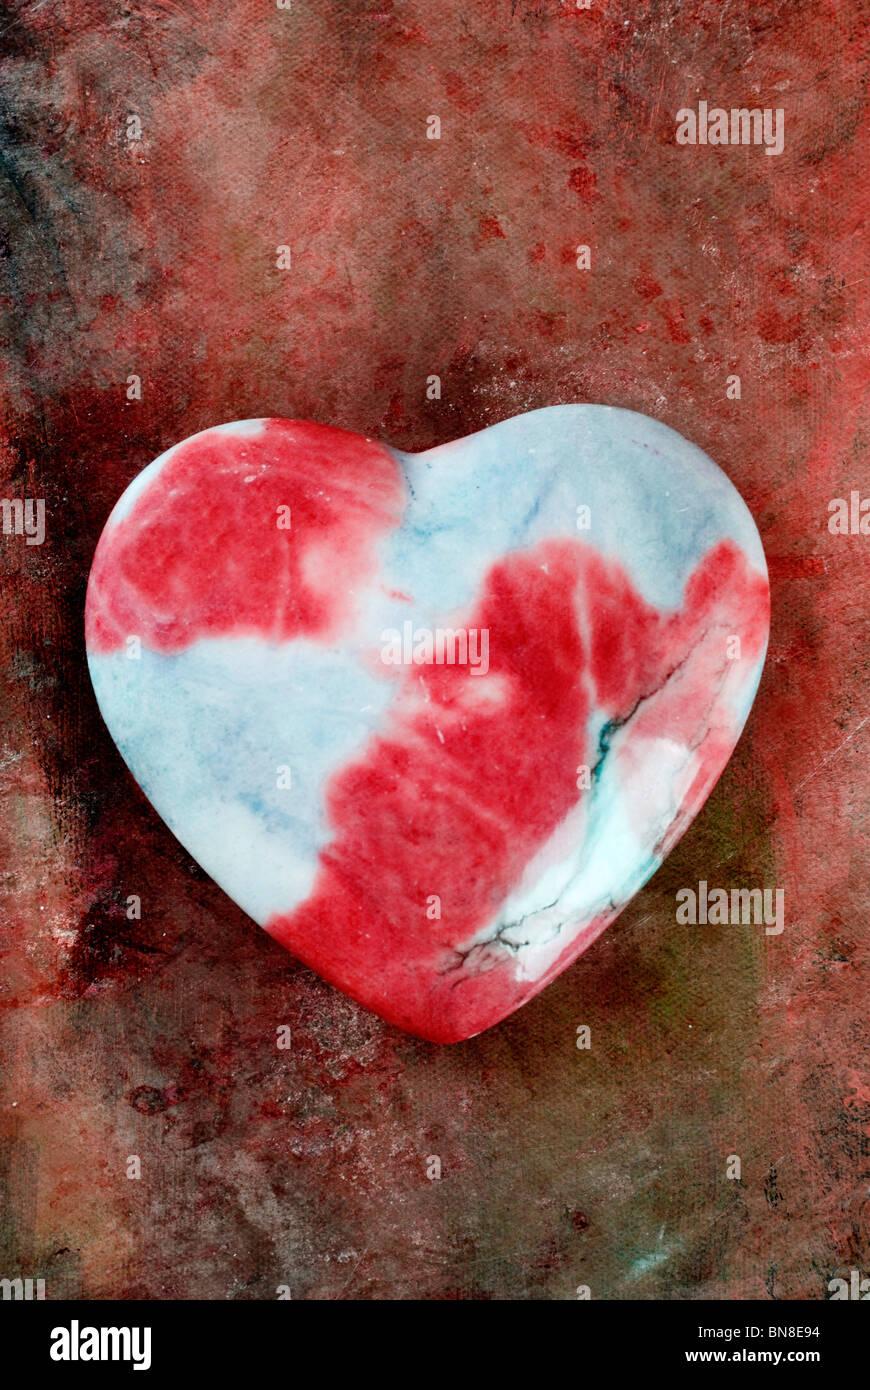 Corazón de piedra roja y azul Imagen De Stock